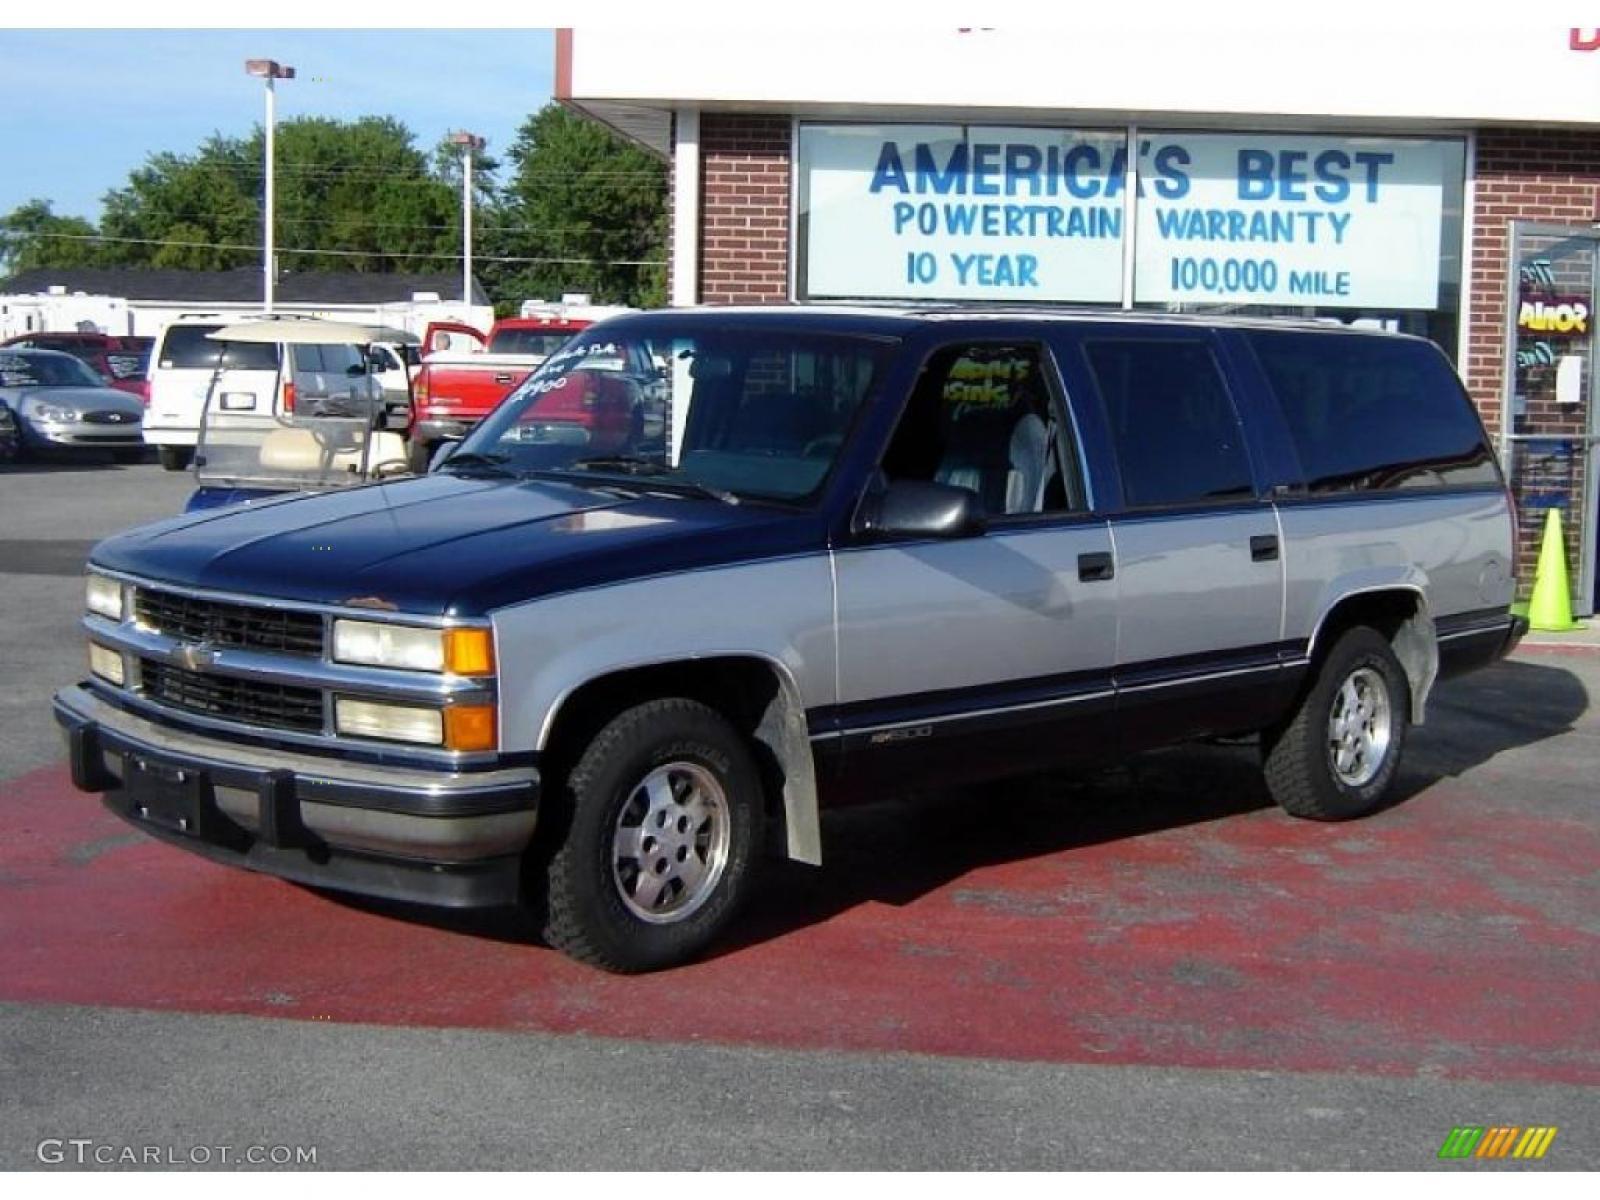 1994 chevrolet suburban 12 chevrolet suburban 12 800 1024 1280 1600 origin